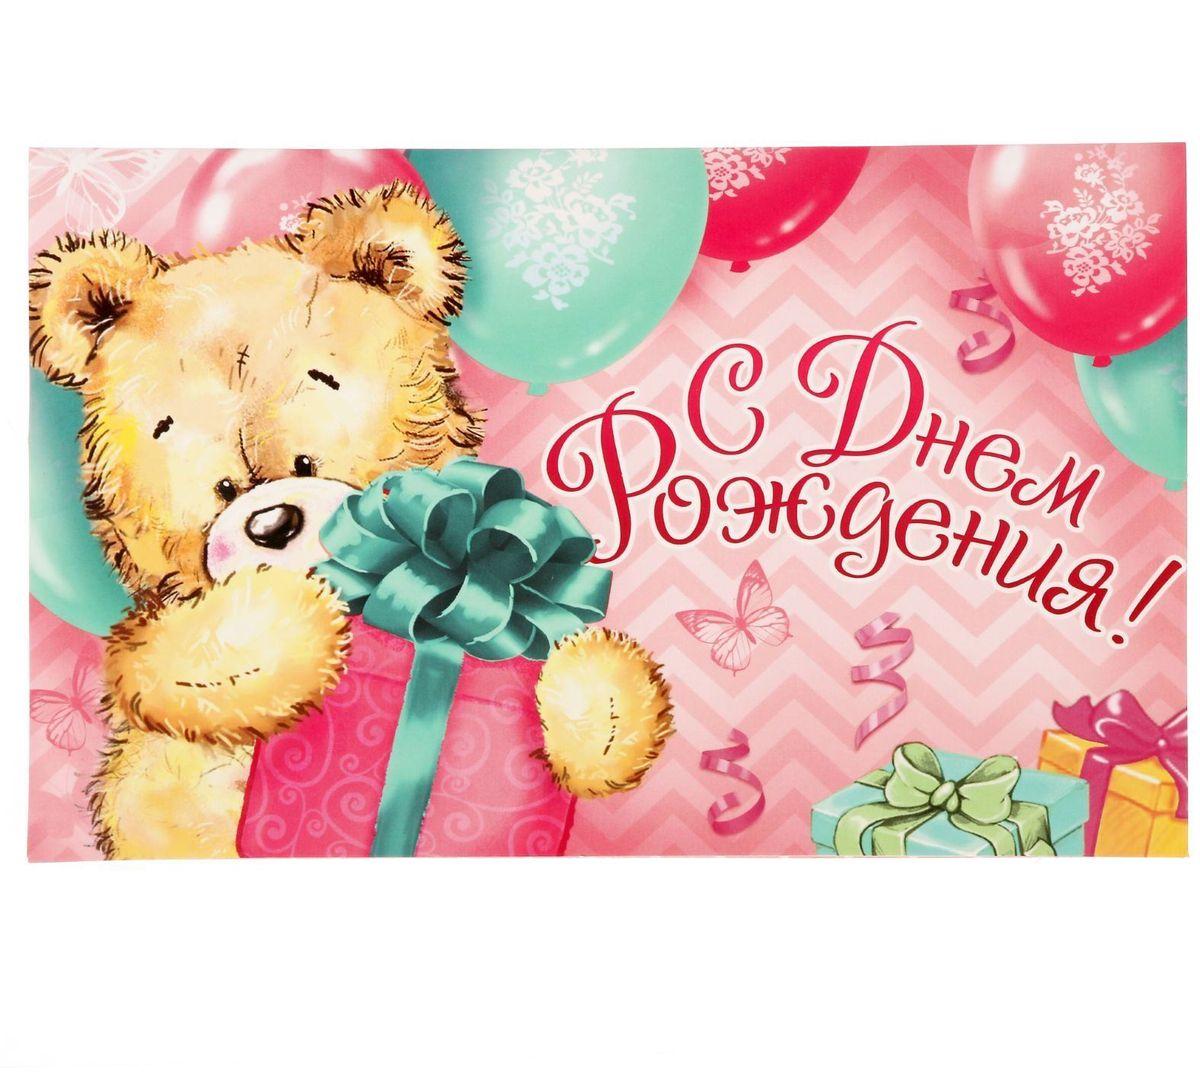 Открытка на стену в вконтакте с днем рождения, старинные письмо открытка